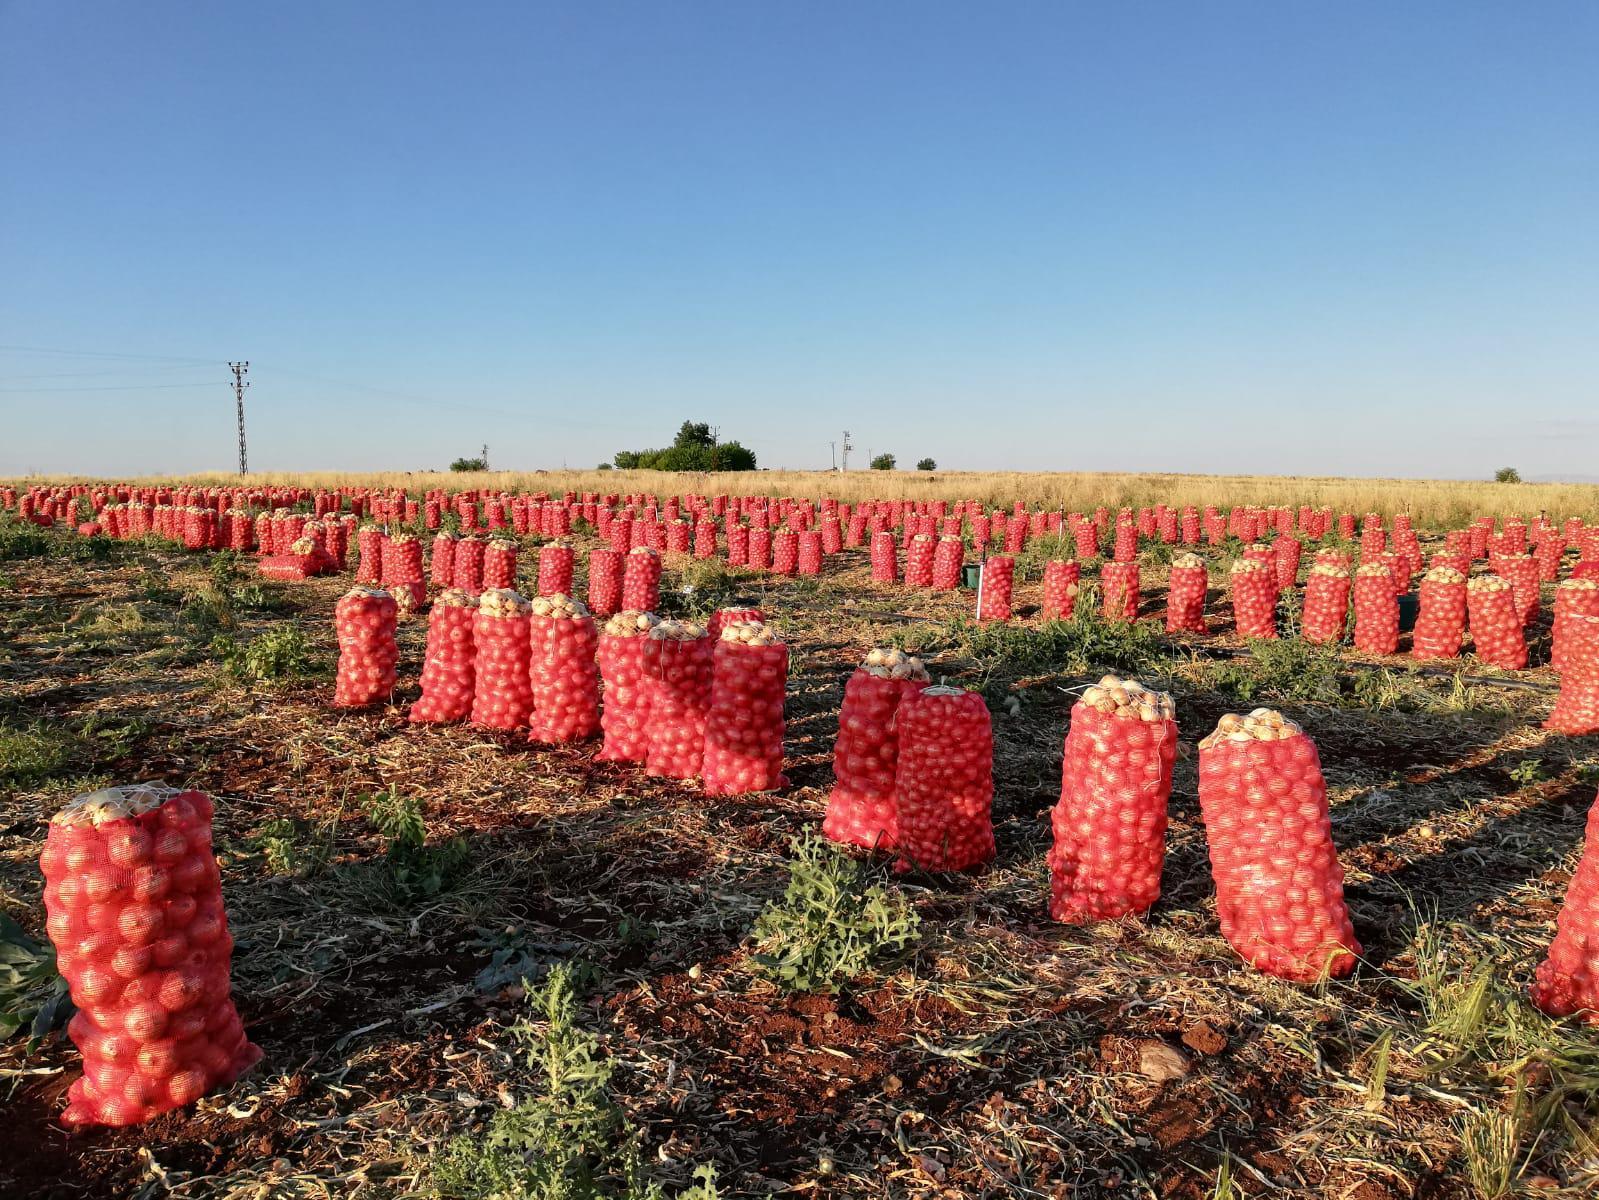 Kuru Soğan - Üretici Adam Adam 60000 tl fiyat ile 500.000 kilogram kuru soğan  satmak istiyor